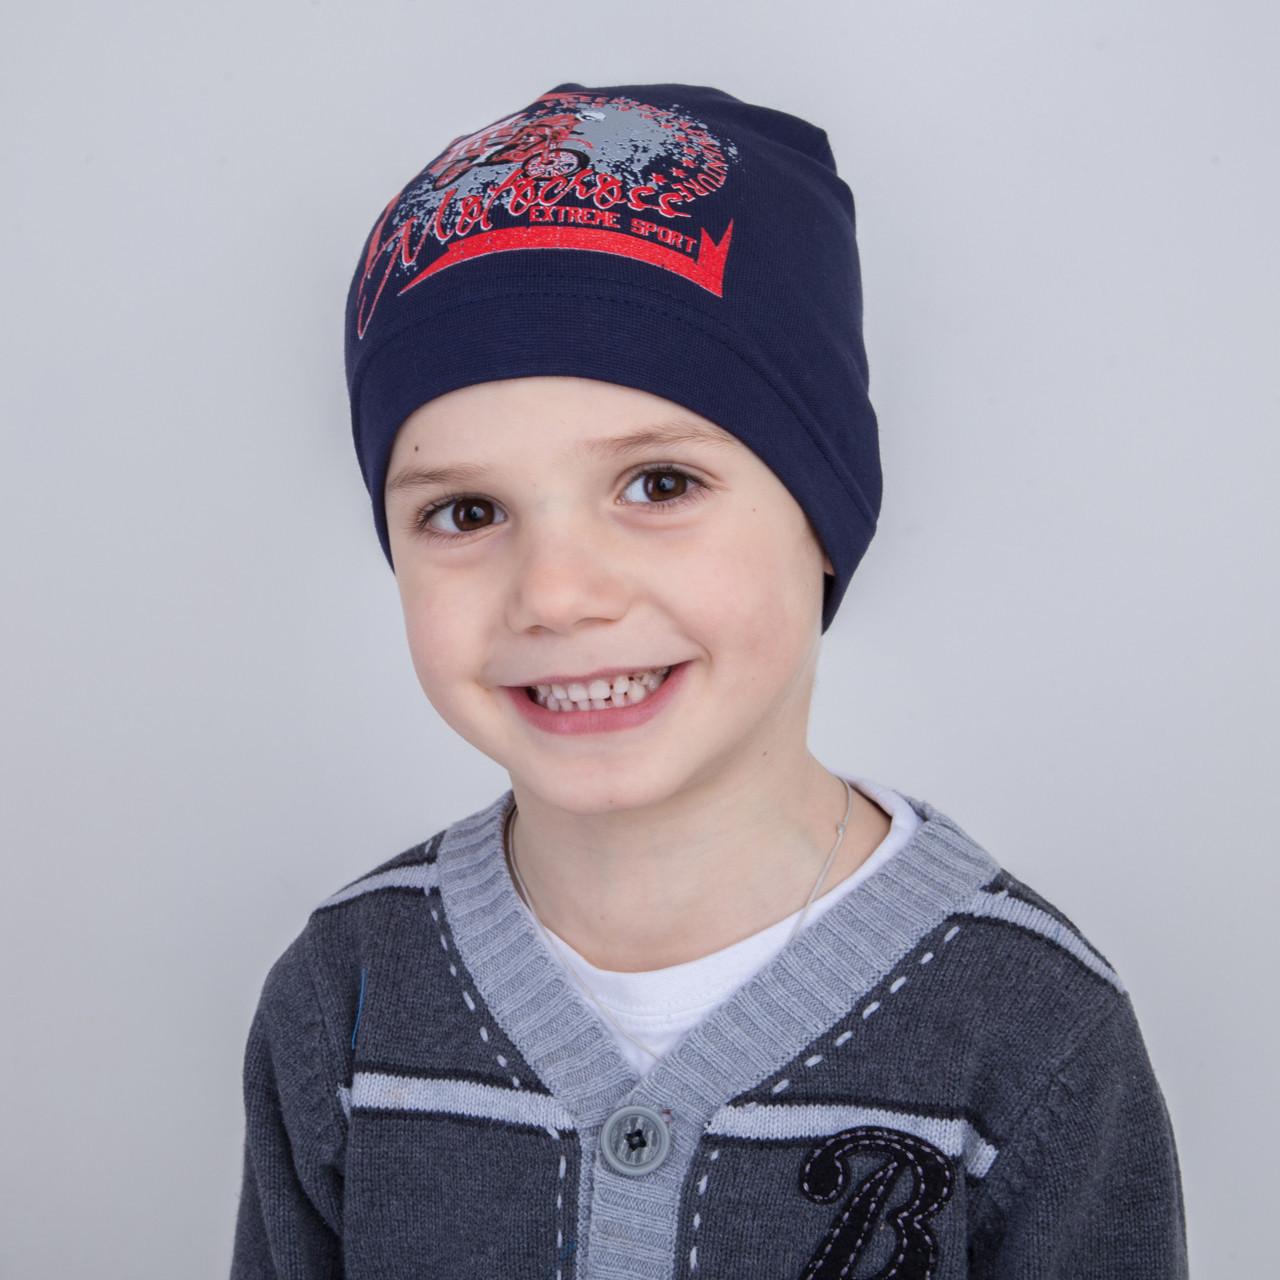 Весенняя хлопковая шапка для мальчика - Арт 2243